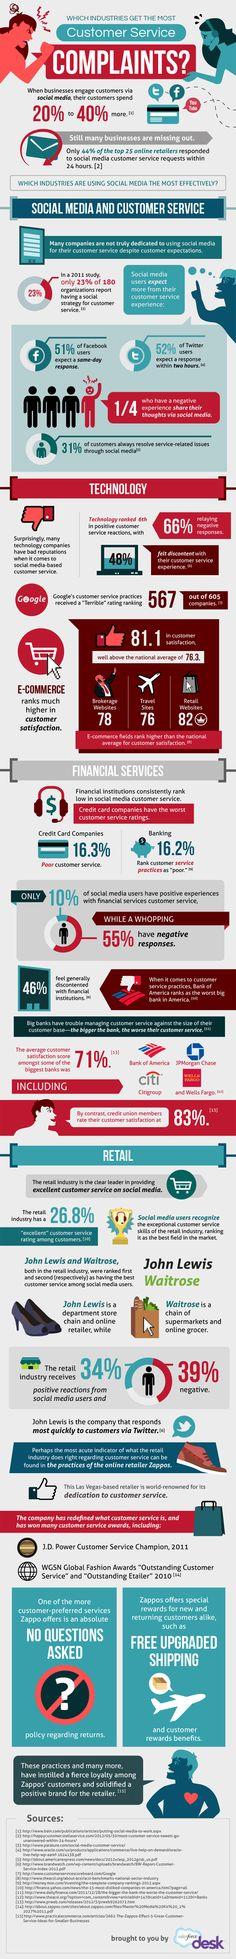 La atención al cliente en Redes Sociales | Custormer Services and Social Media #infografía #infographics